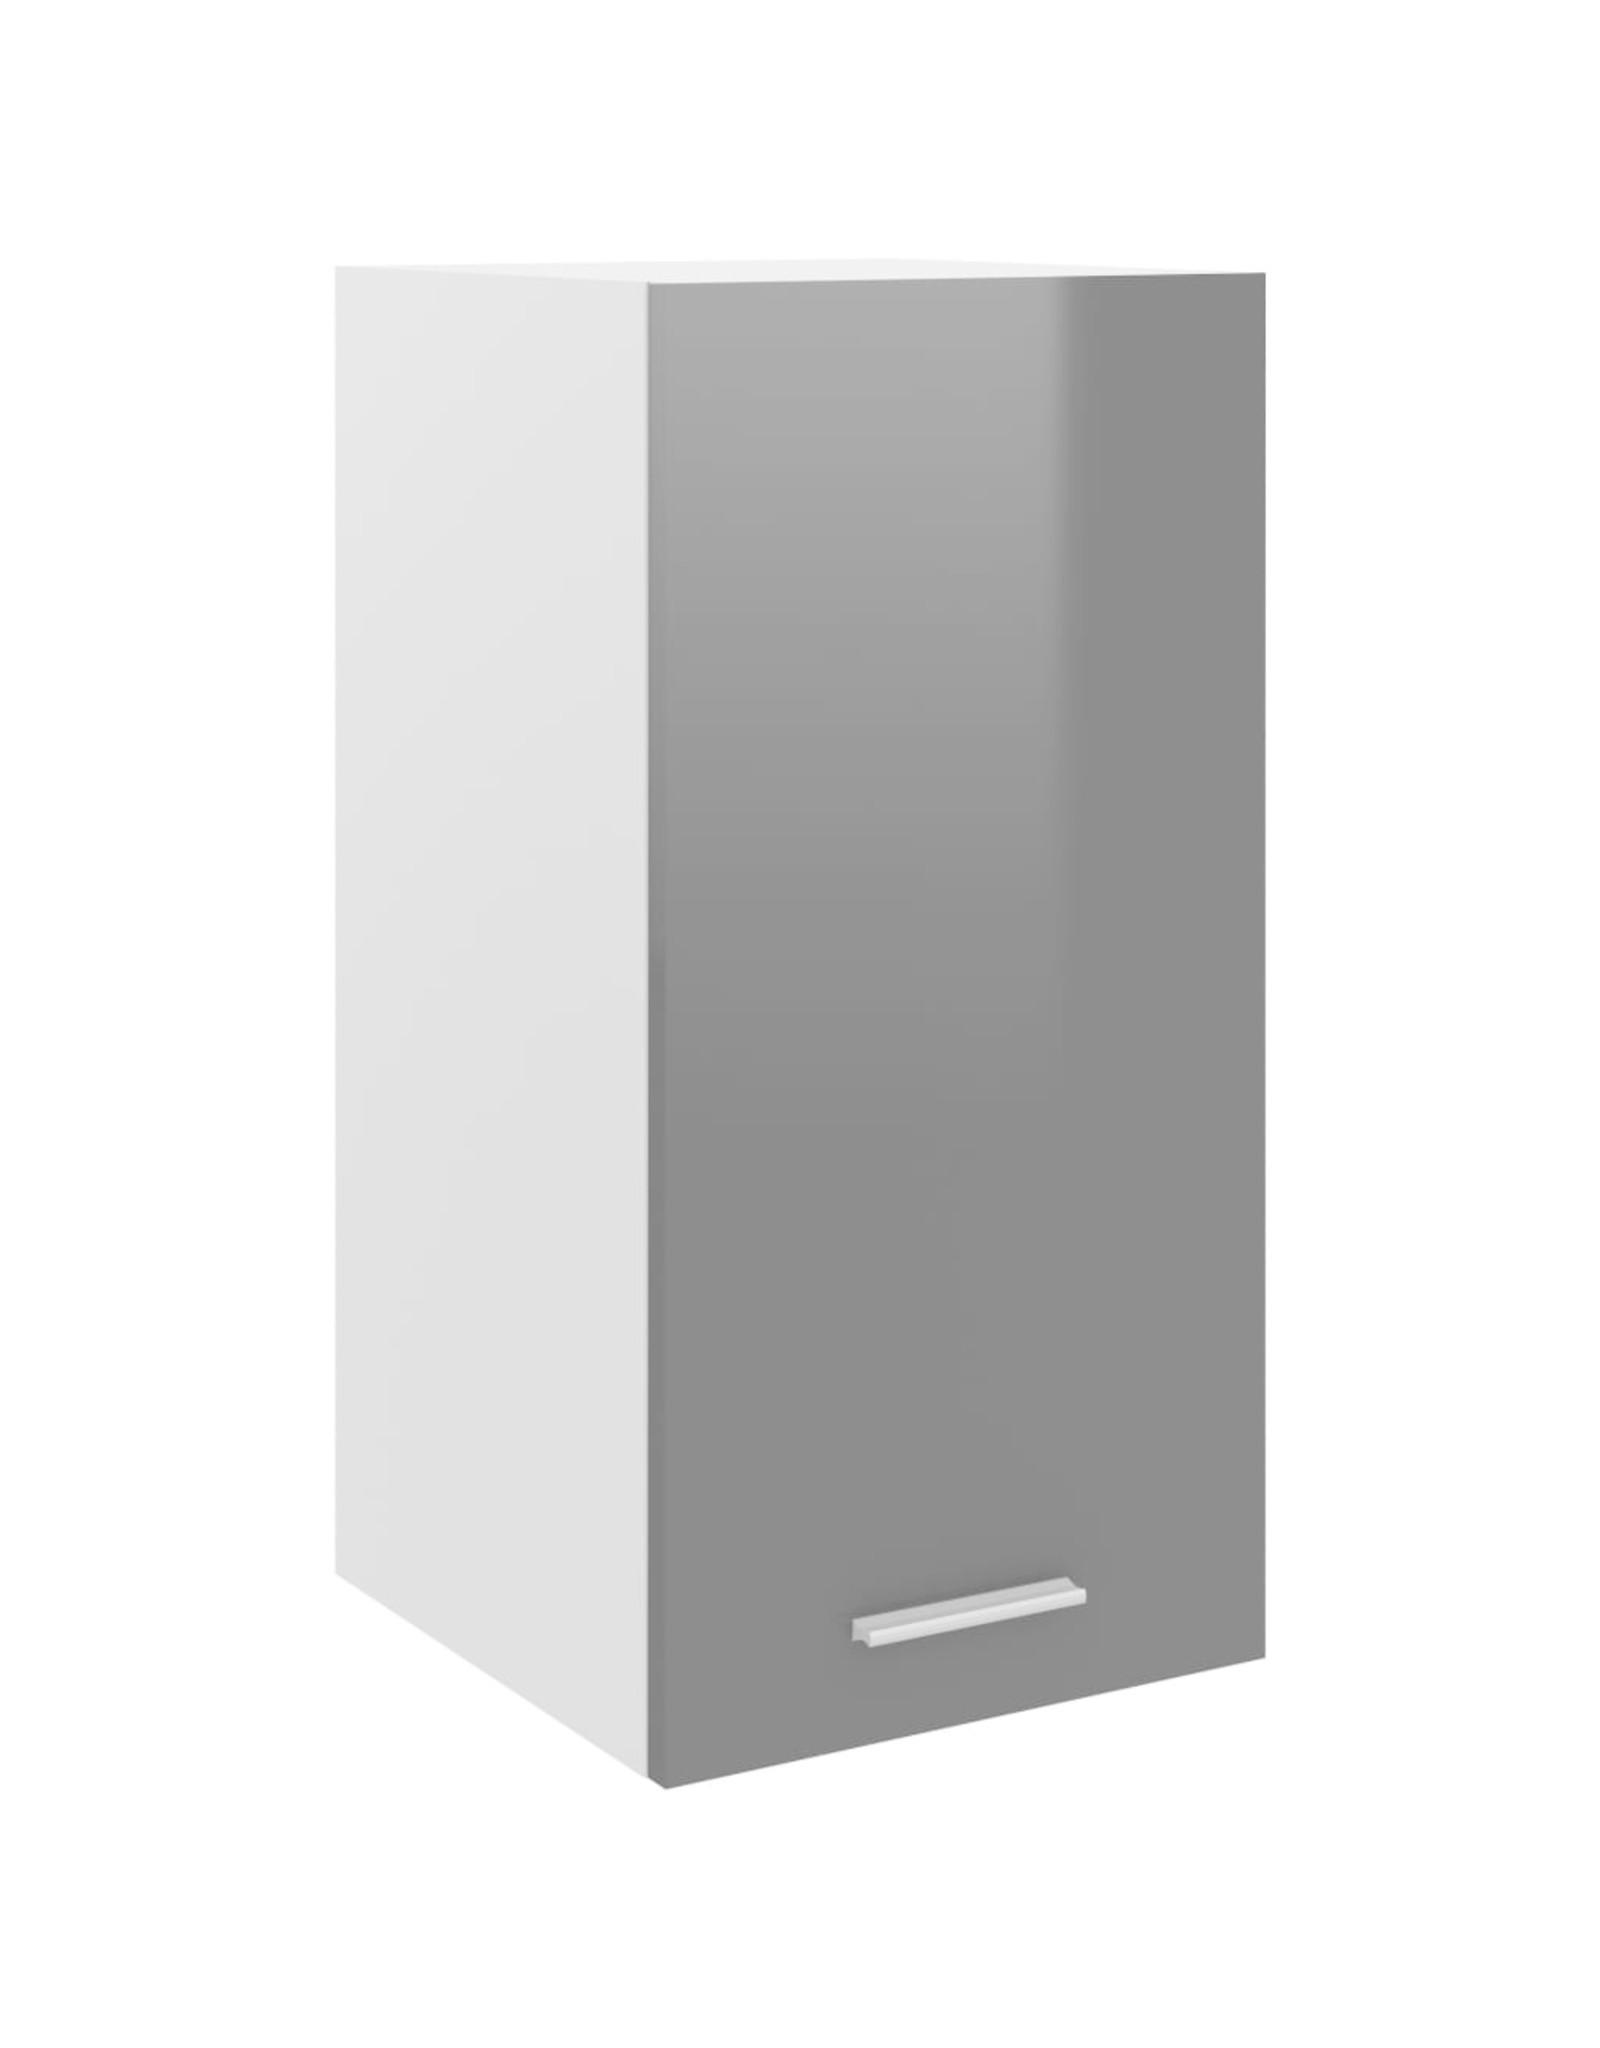 Hangkast 29,5x31x60 cm spaanplaat hoogglans grijs